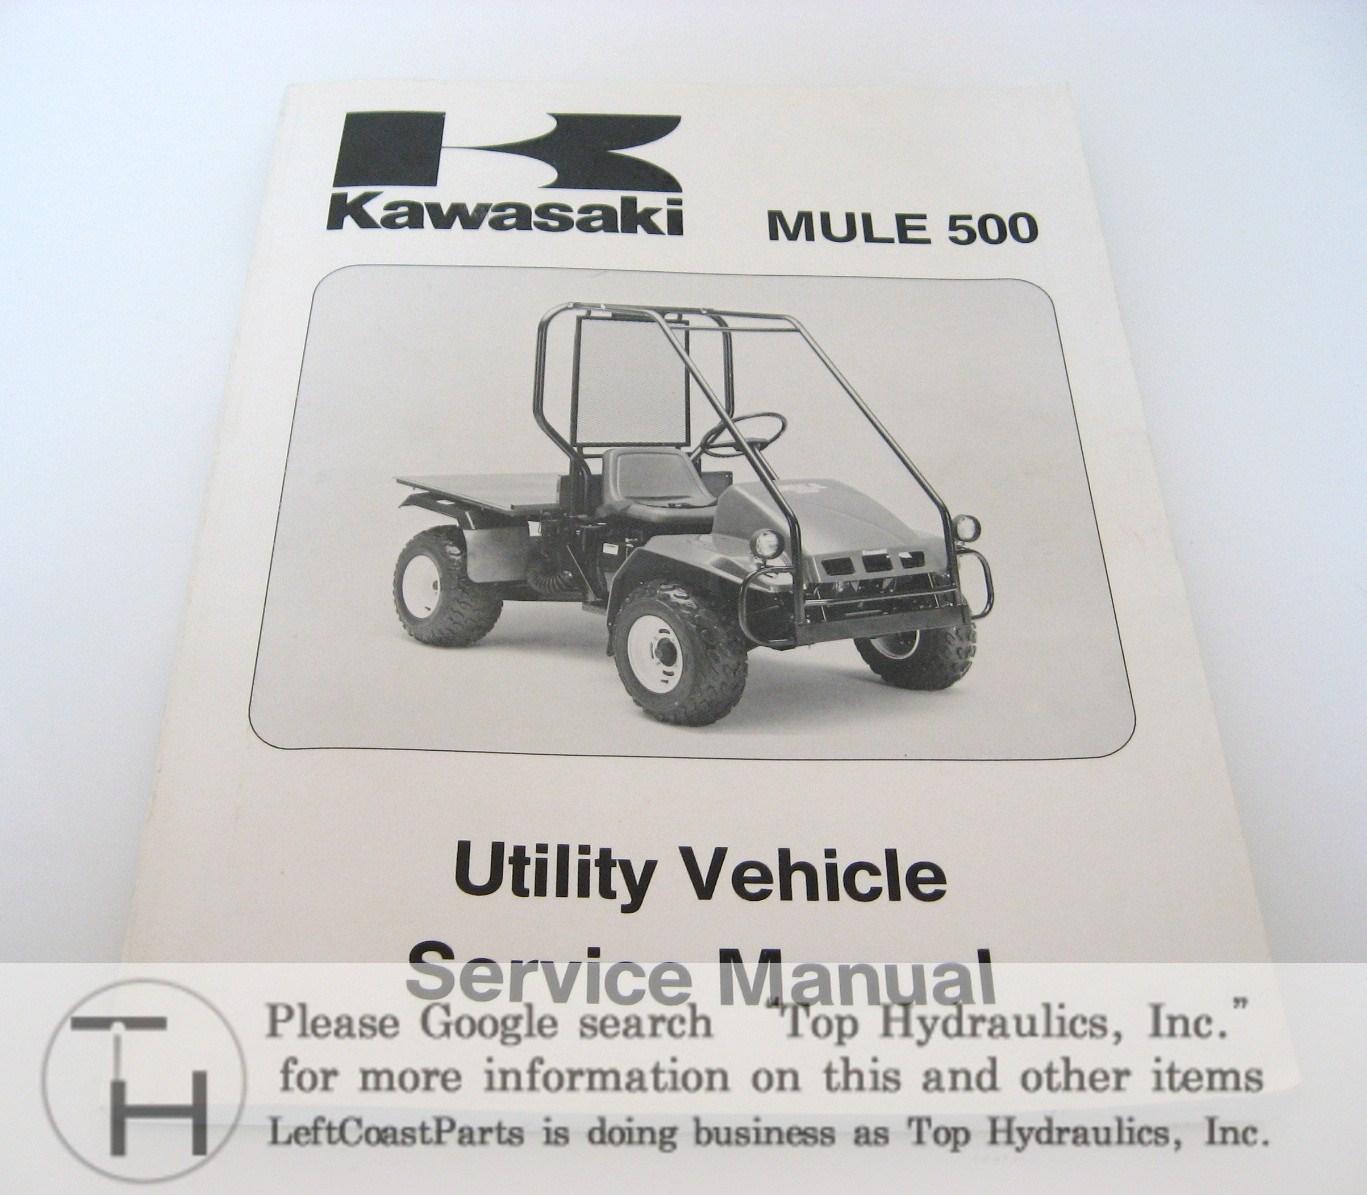 kawasaki mule 500 service manual  kawasaki genuine parts & parts diagrams